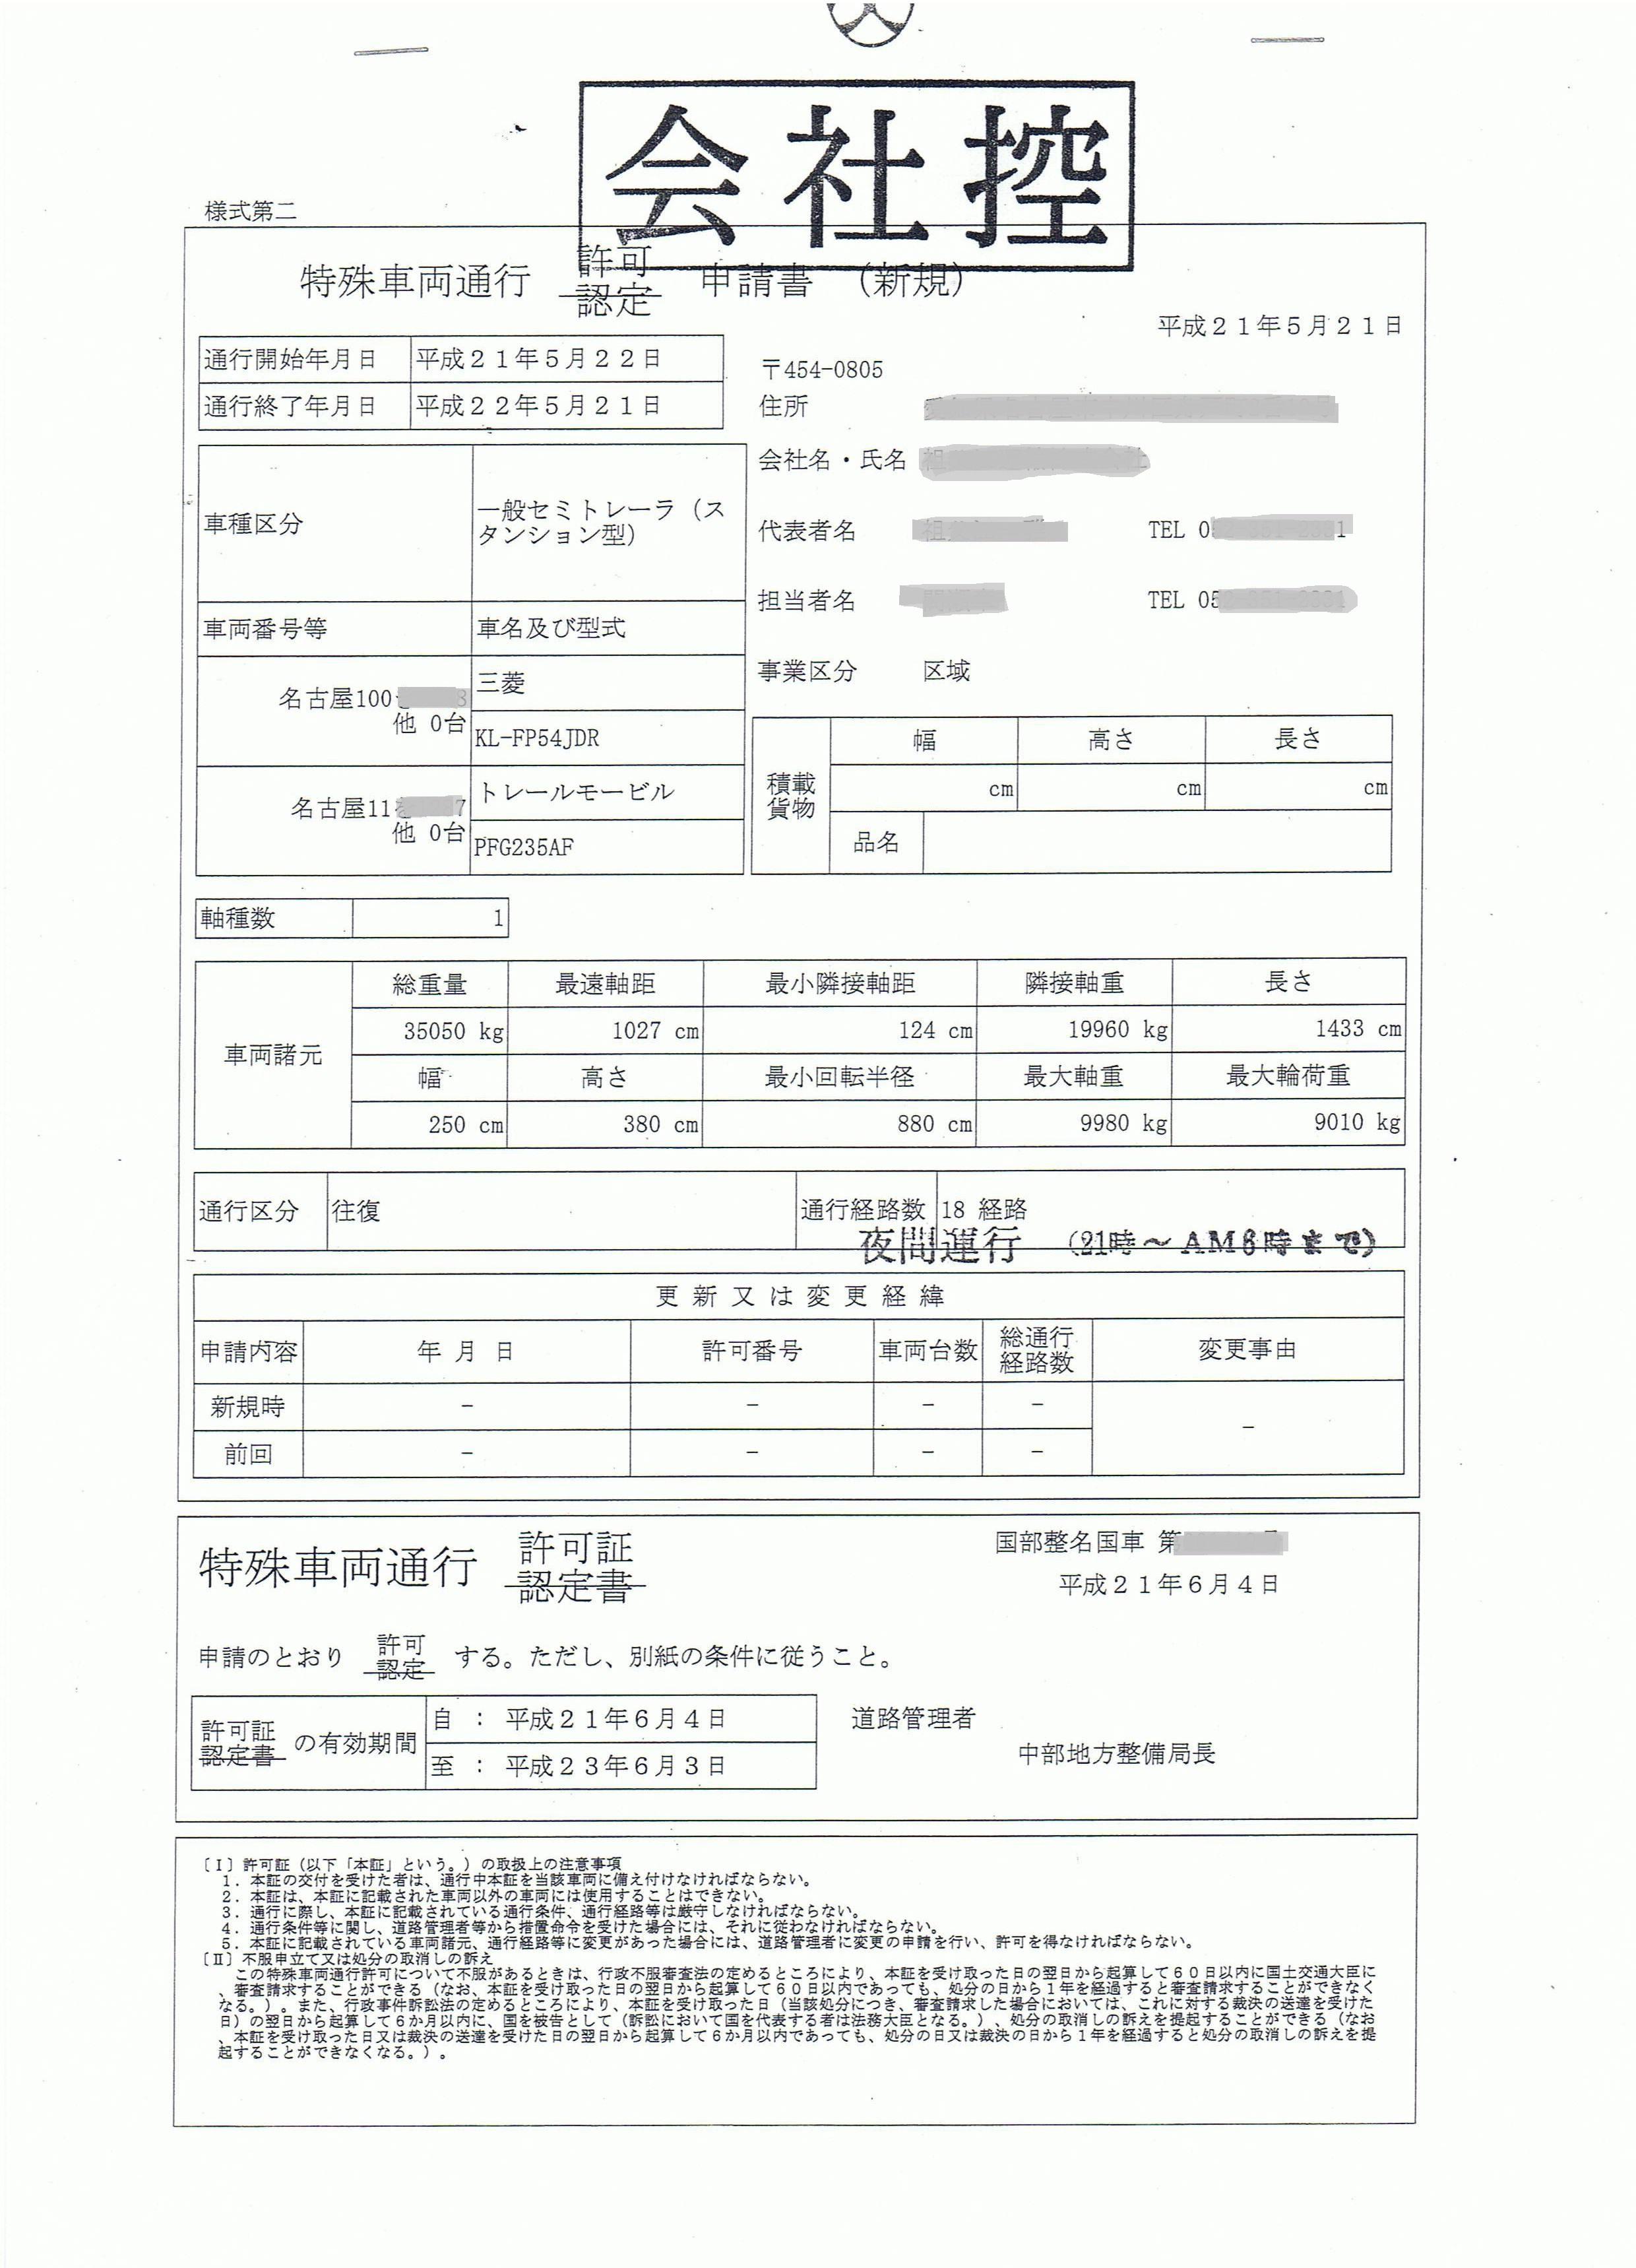 窓口申請の特殊車両通行許可証